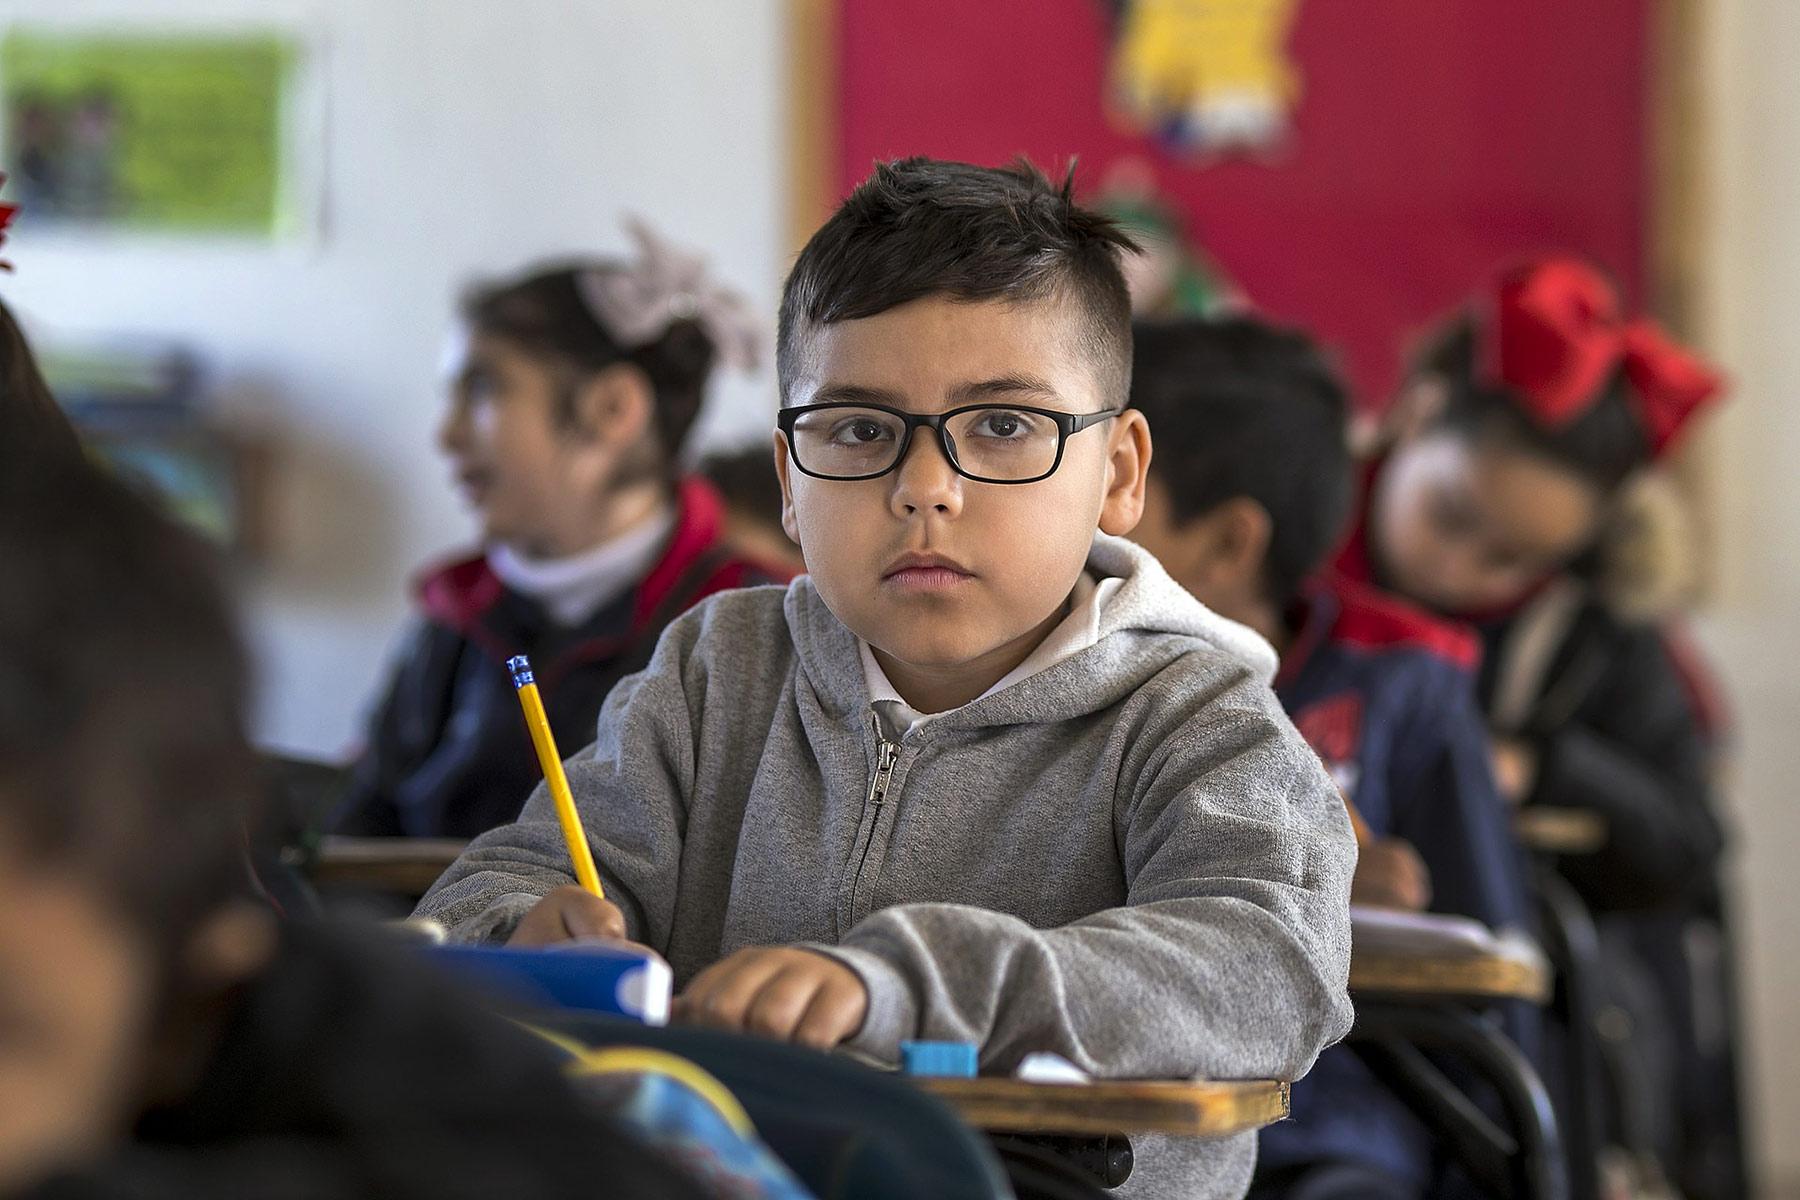 Schockierende ZahlenGrundschulen mit mehr Ausländern als Einheimischen